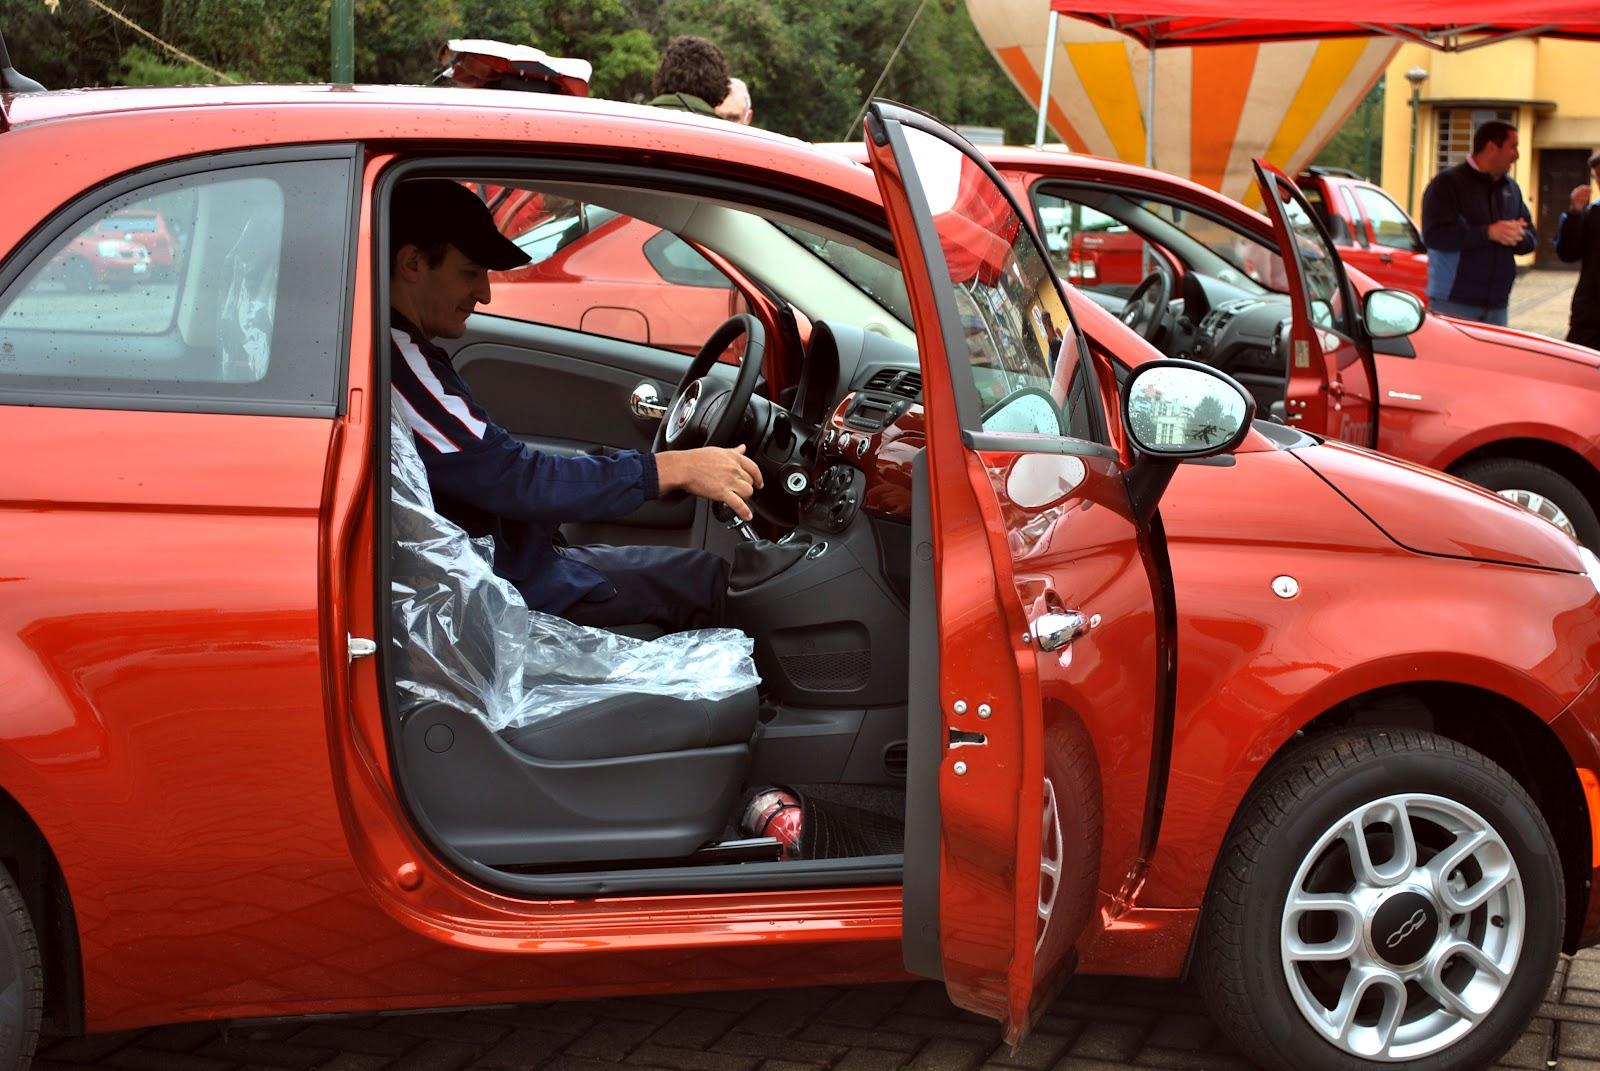 Carboni Fiat entrega mais de 70 quilos de alimentos à CT São Francisco 2012%2520%252007%252007%2520%252816%2529